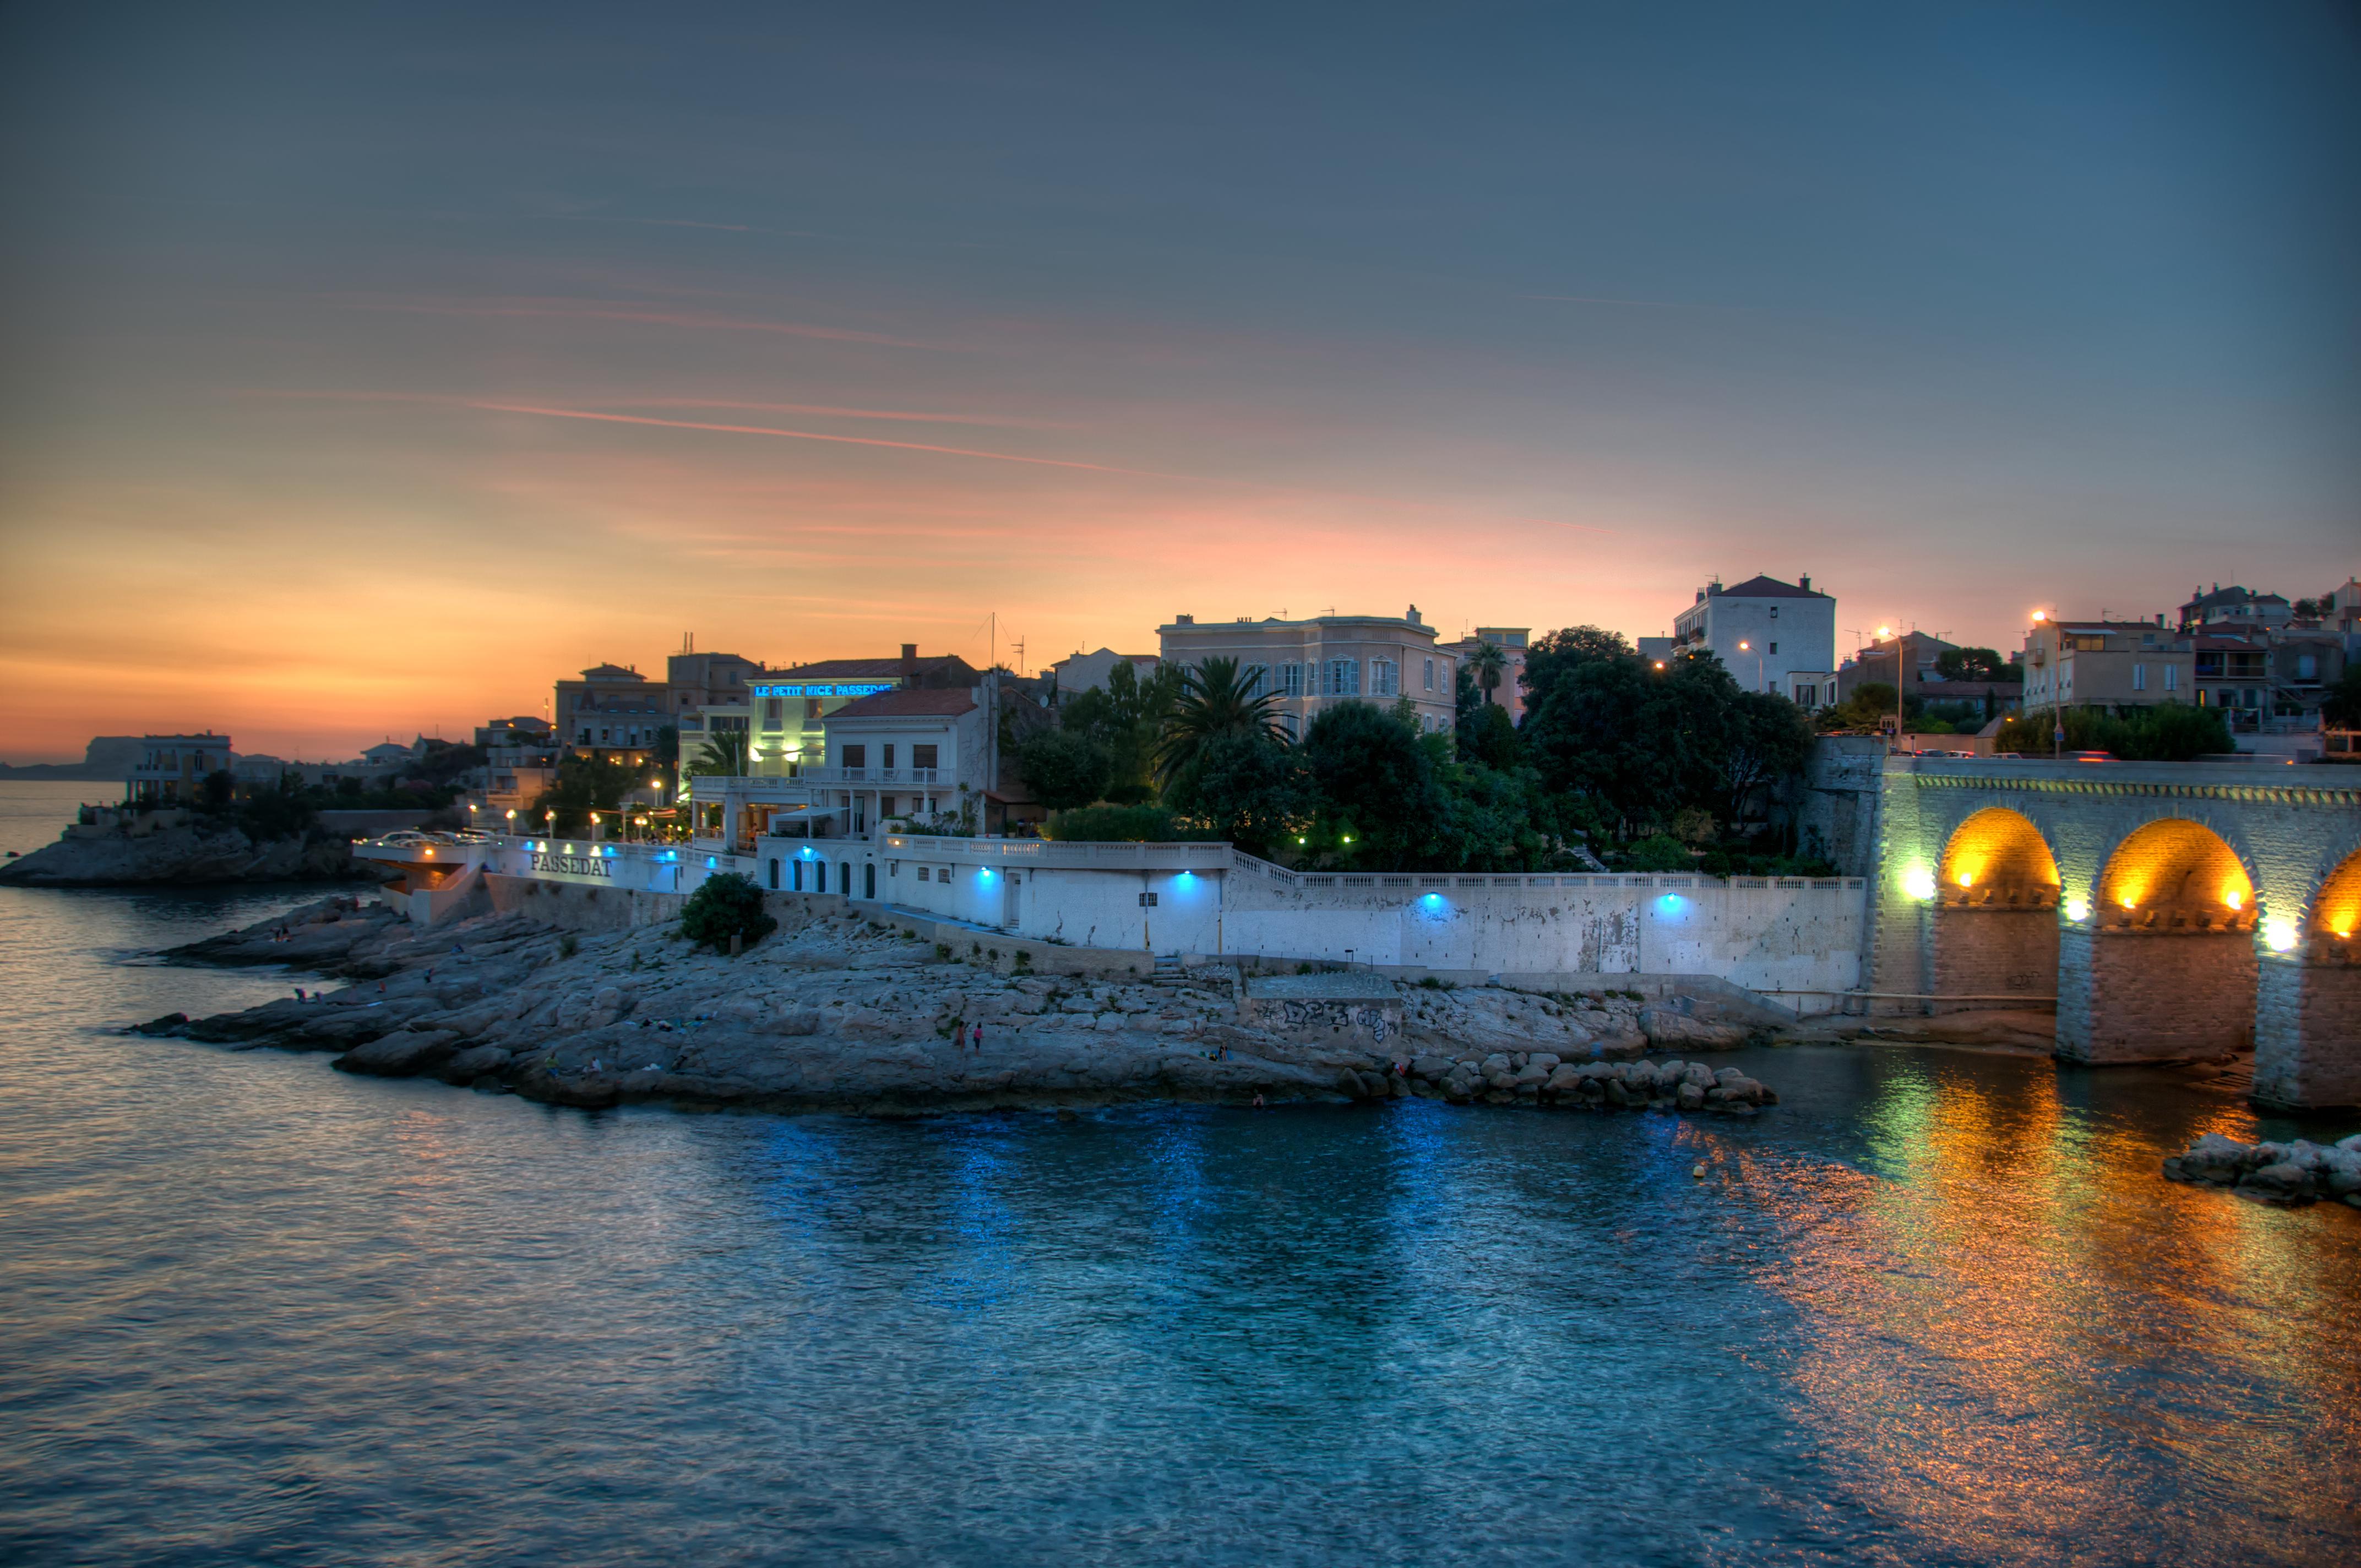 4 restos romantiques pour fêter la Saint Valentin à Marseille